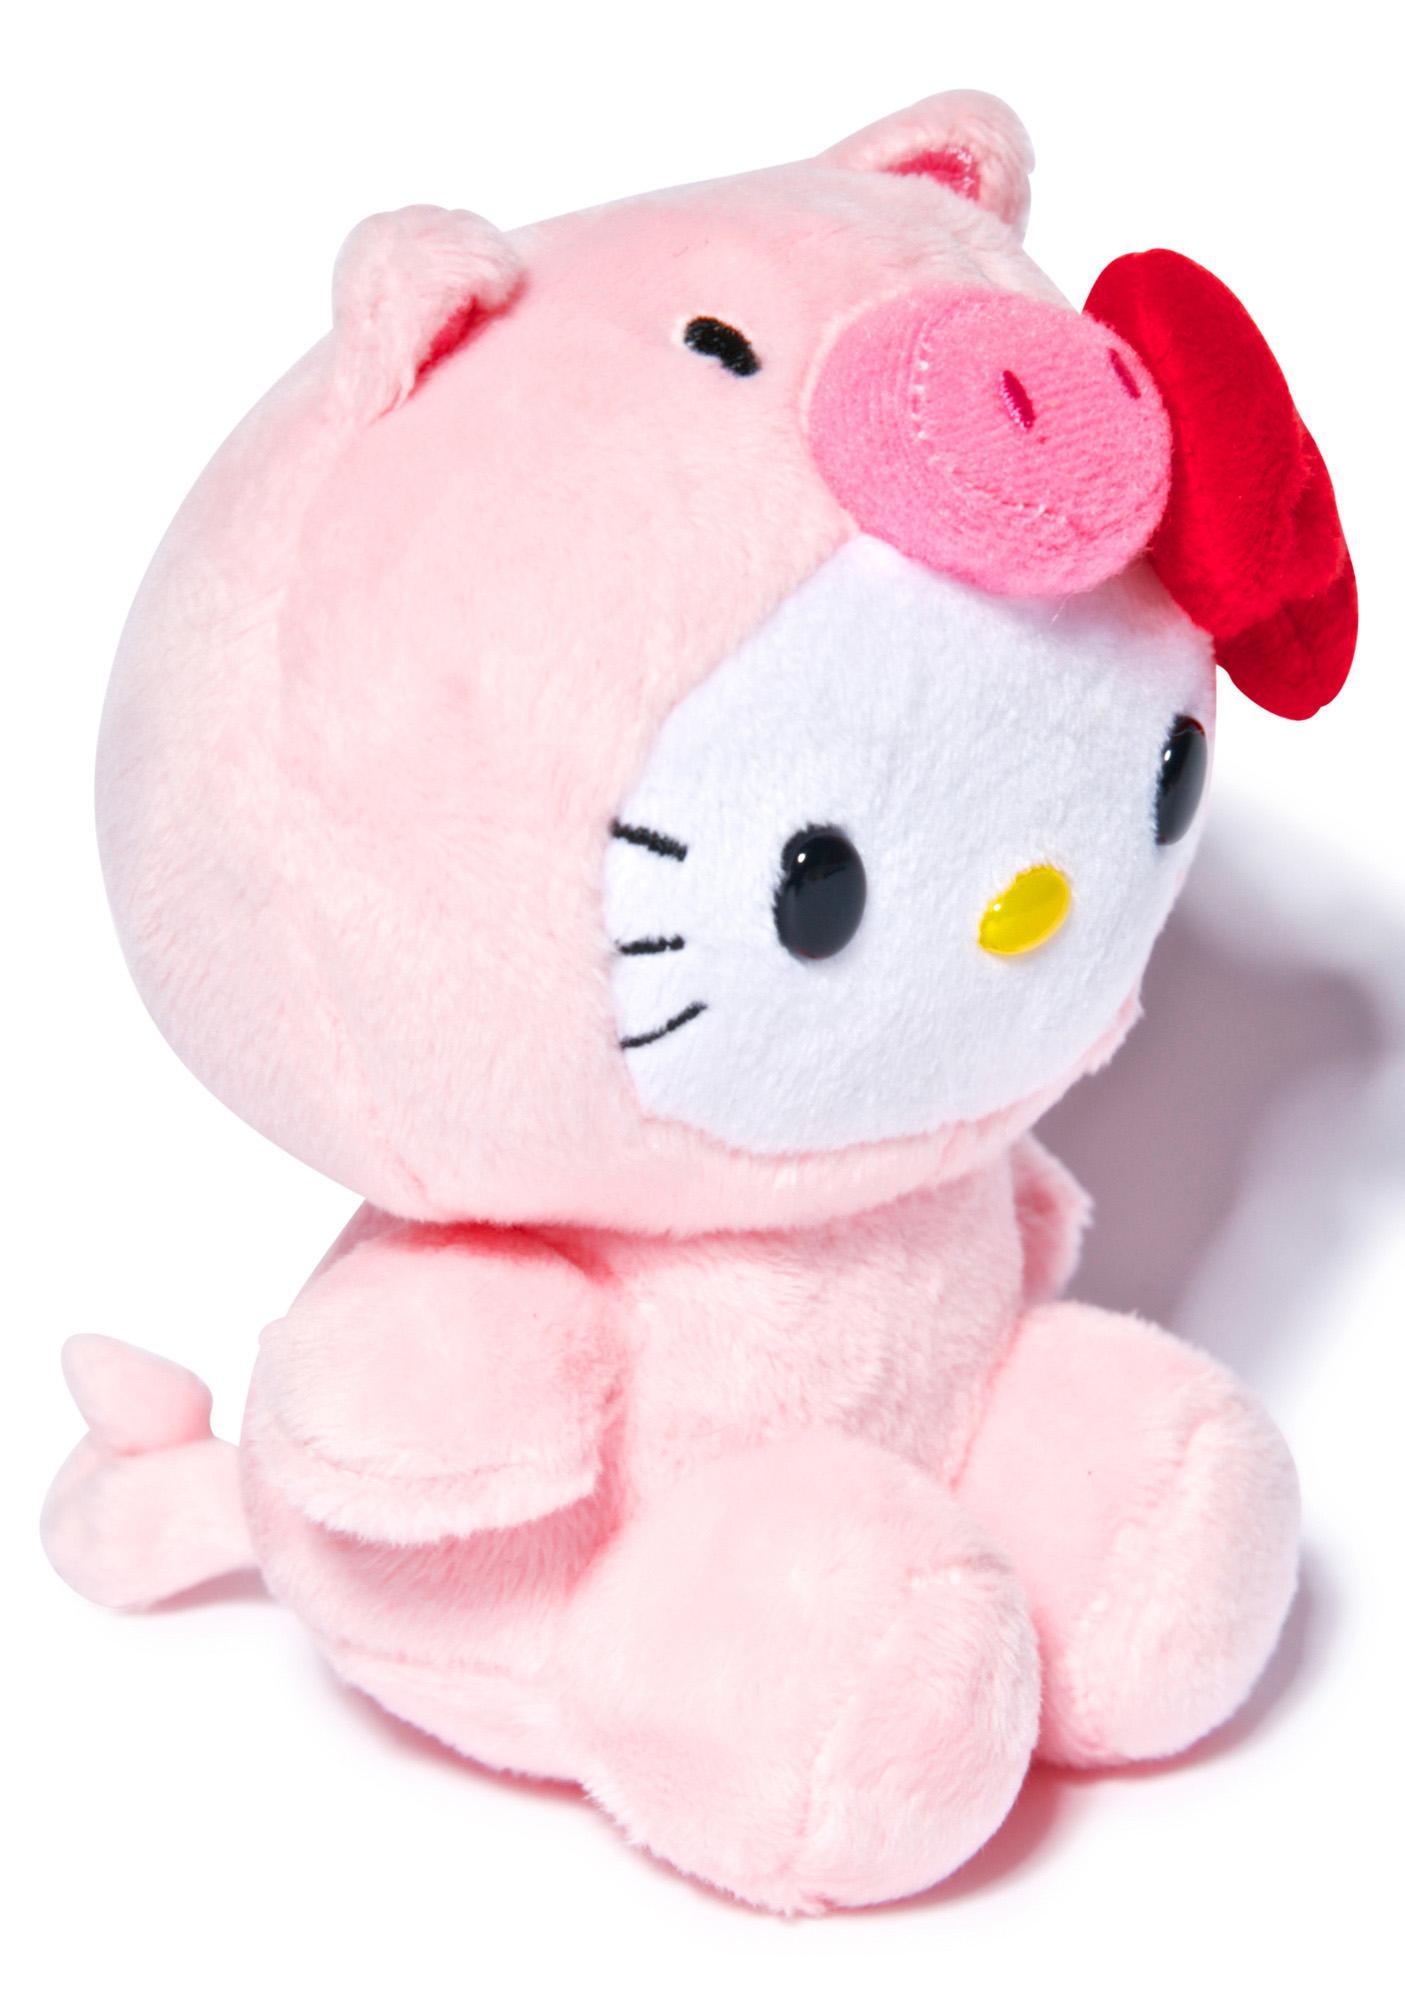 Sanrio Farm Friends Hello Kitty Pig Plush